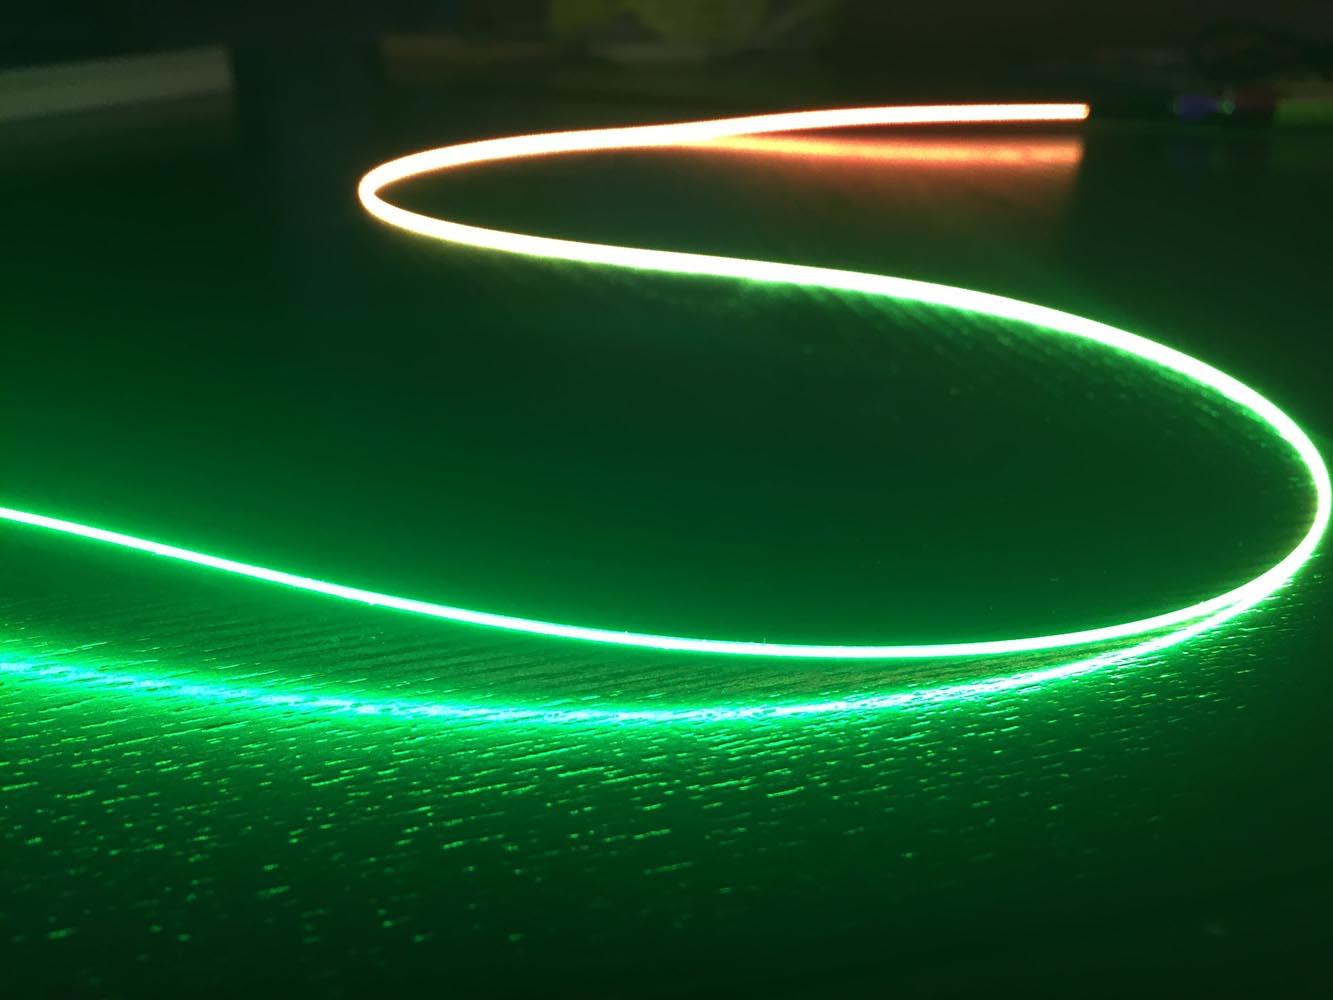 Laser Wire Gradient Green, Orange & Red